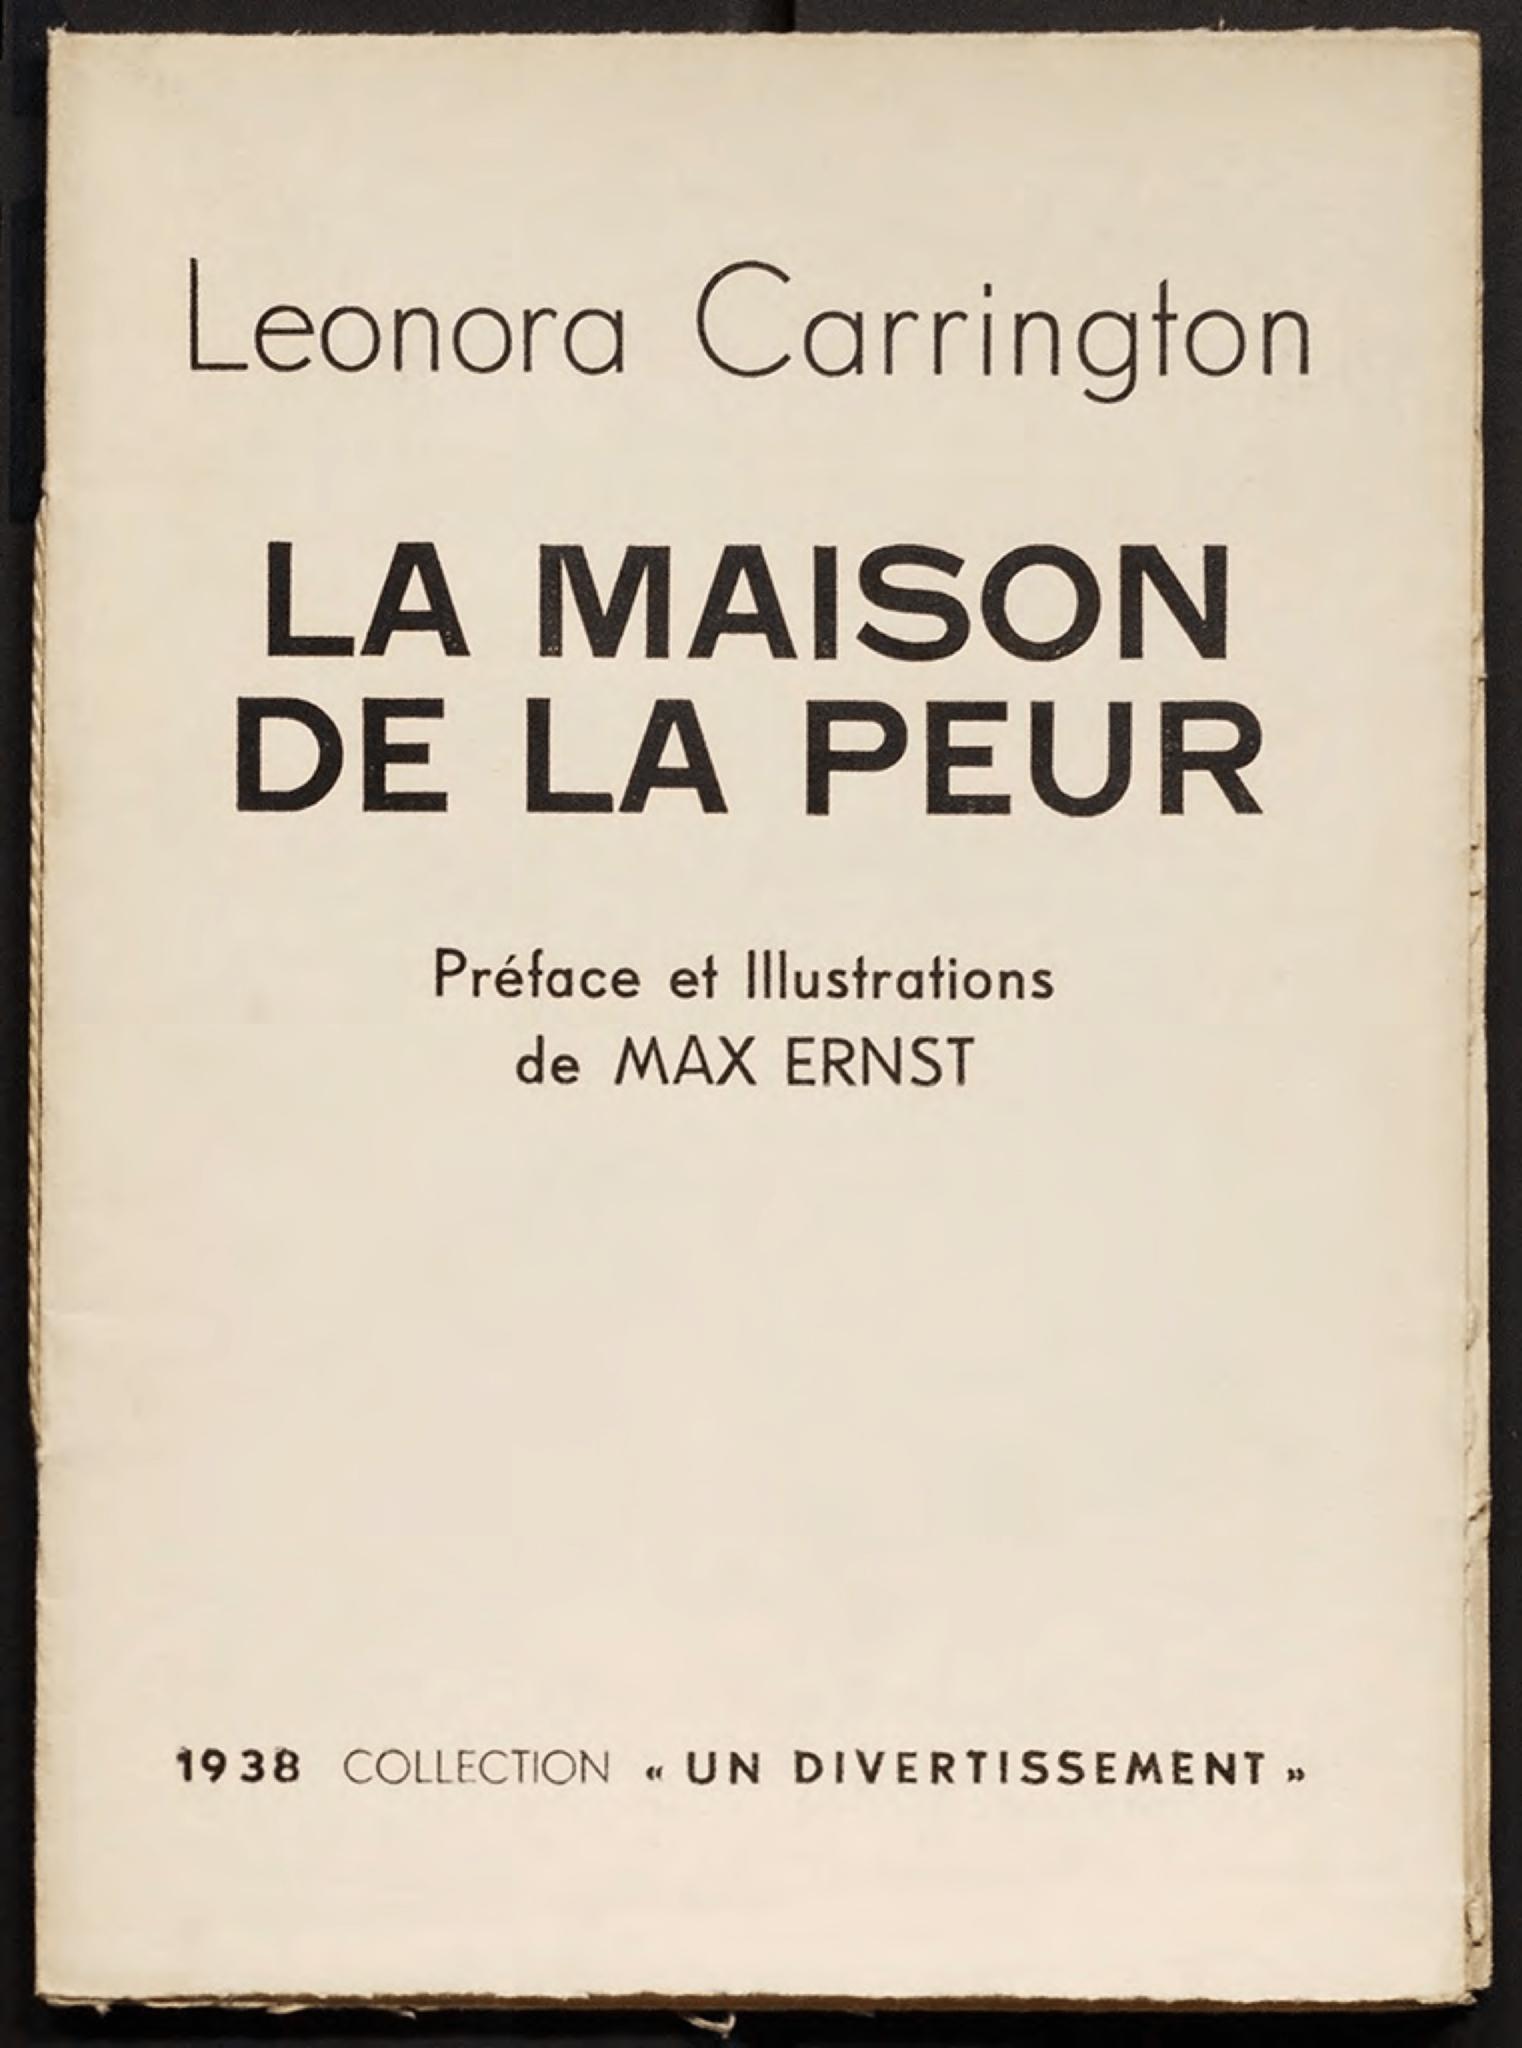 Leonora Carrington, <br /><em>LaMaison delaPeur</em>, 1938